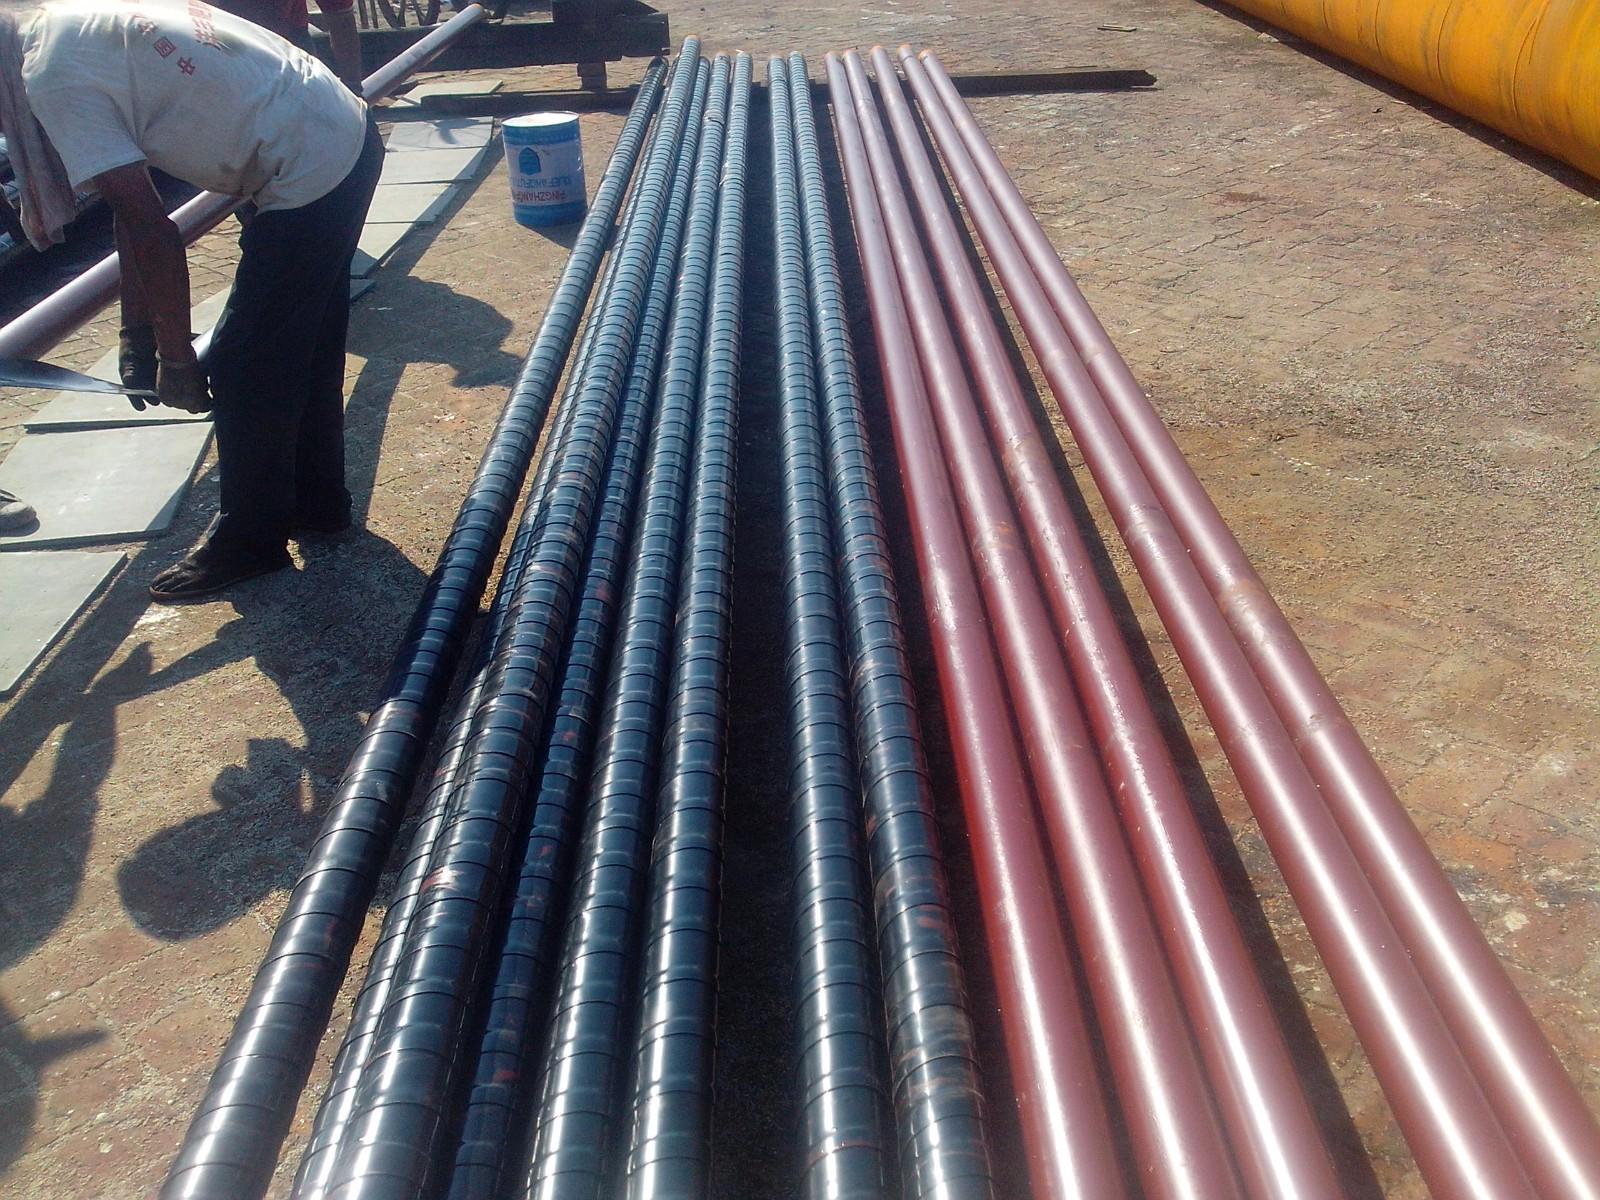 鋼管熱收縮帶防腐 鋼管熱收縮帶防腐-滄州市鑫宜達鋼管集團股份有限公司.